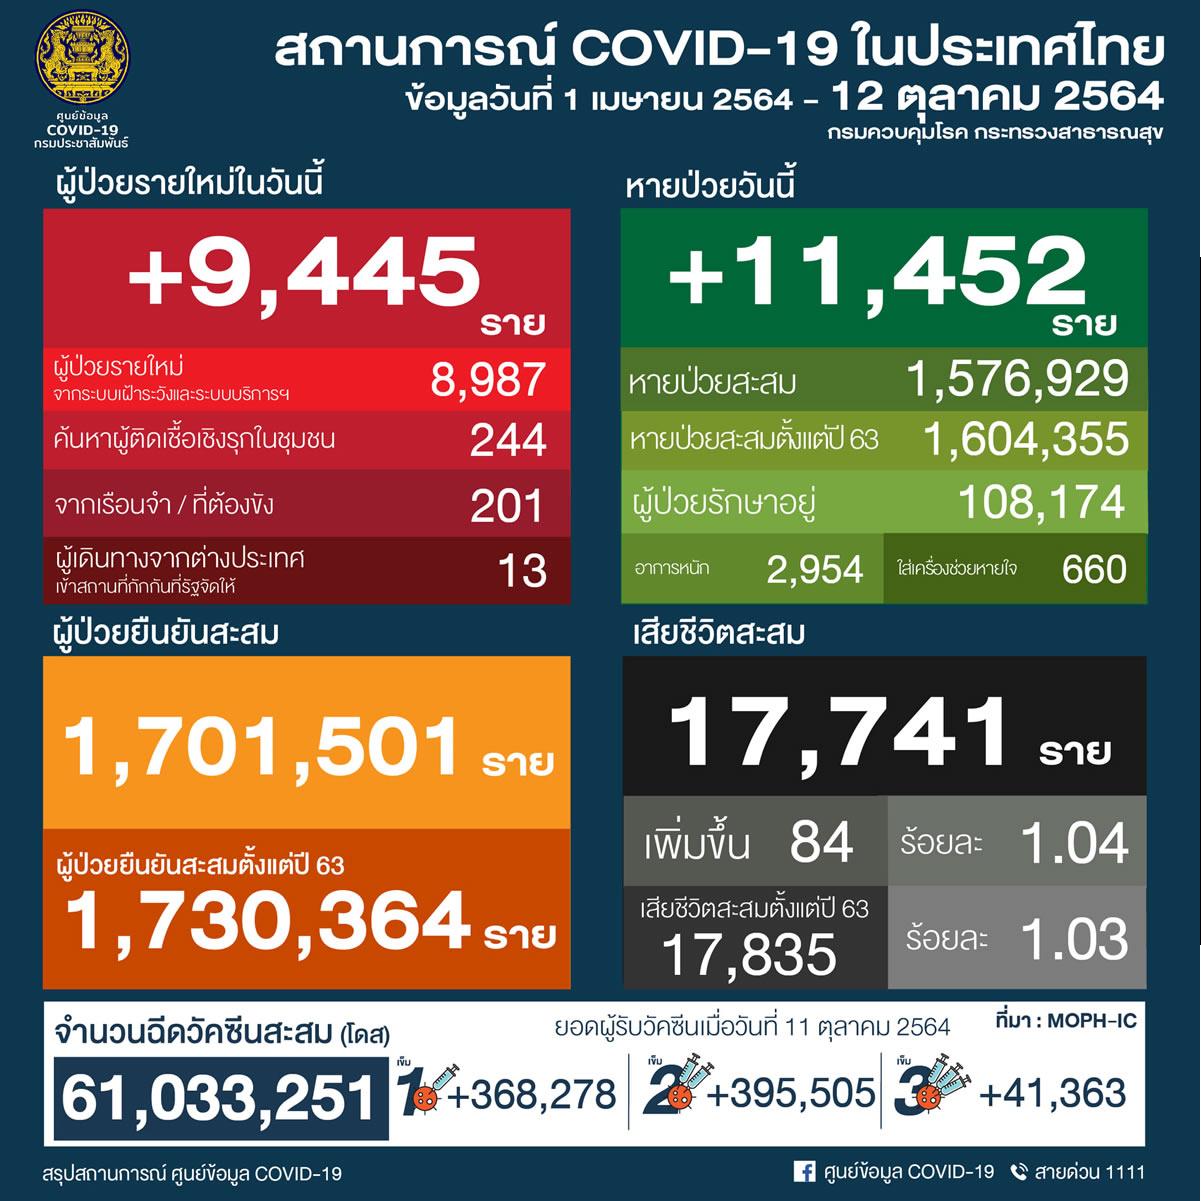 タイ 9,445人陽性 84人死亡/バンコク 1,170人陽性 11人死亡/プーケット 151人陽性[2021年10月12日発表]